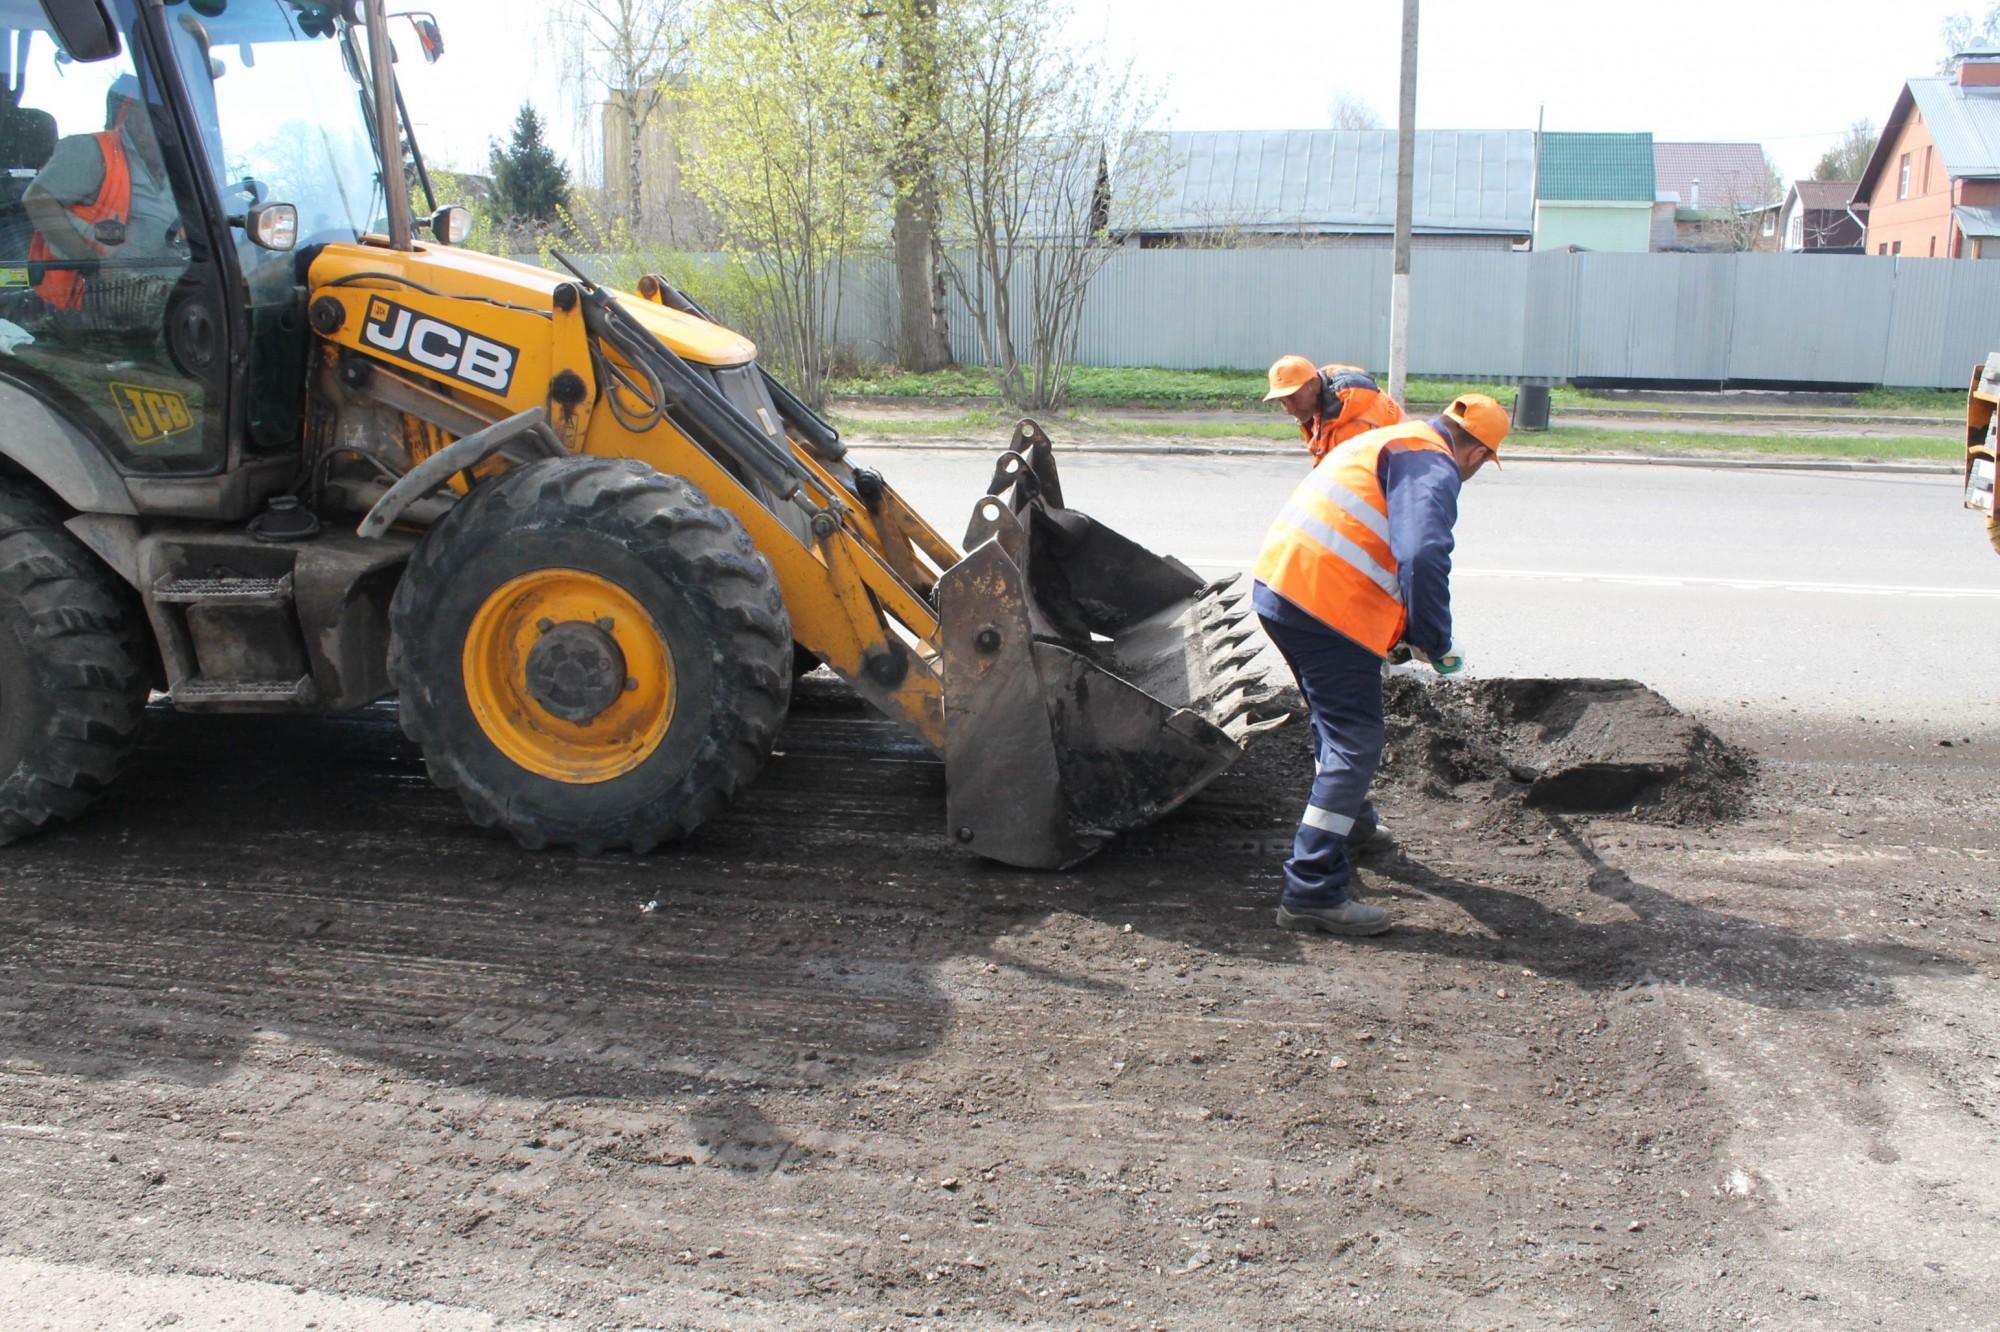 JCB888.RU выполняет ремонт дорог в Одинцово, Внуково, Голицыно, Звенигород, Кубинка, Красногорск, Сколково и т.д. Любая степень сложности, быстро и качественно восстанавливает идеальное состояние дорожного полотна. Мы можем выполнить следующие виды ремон